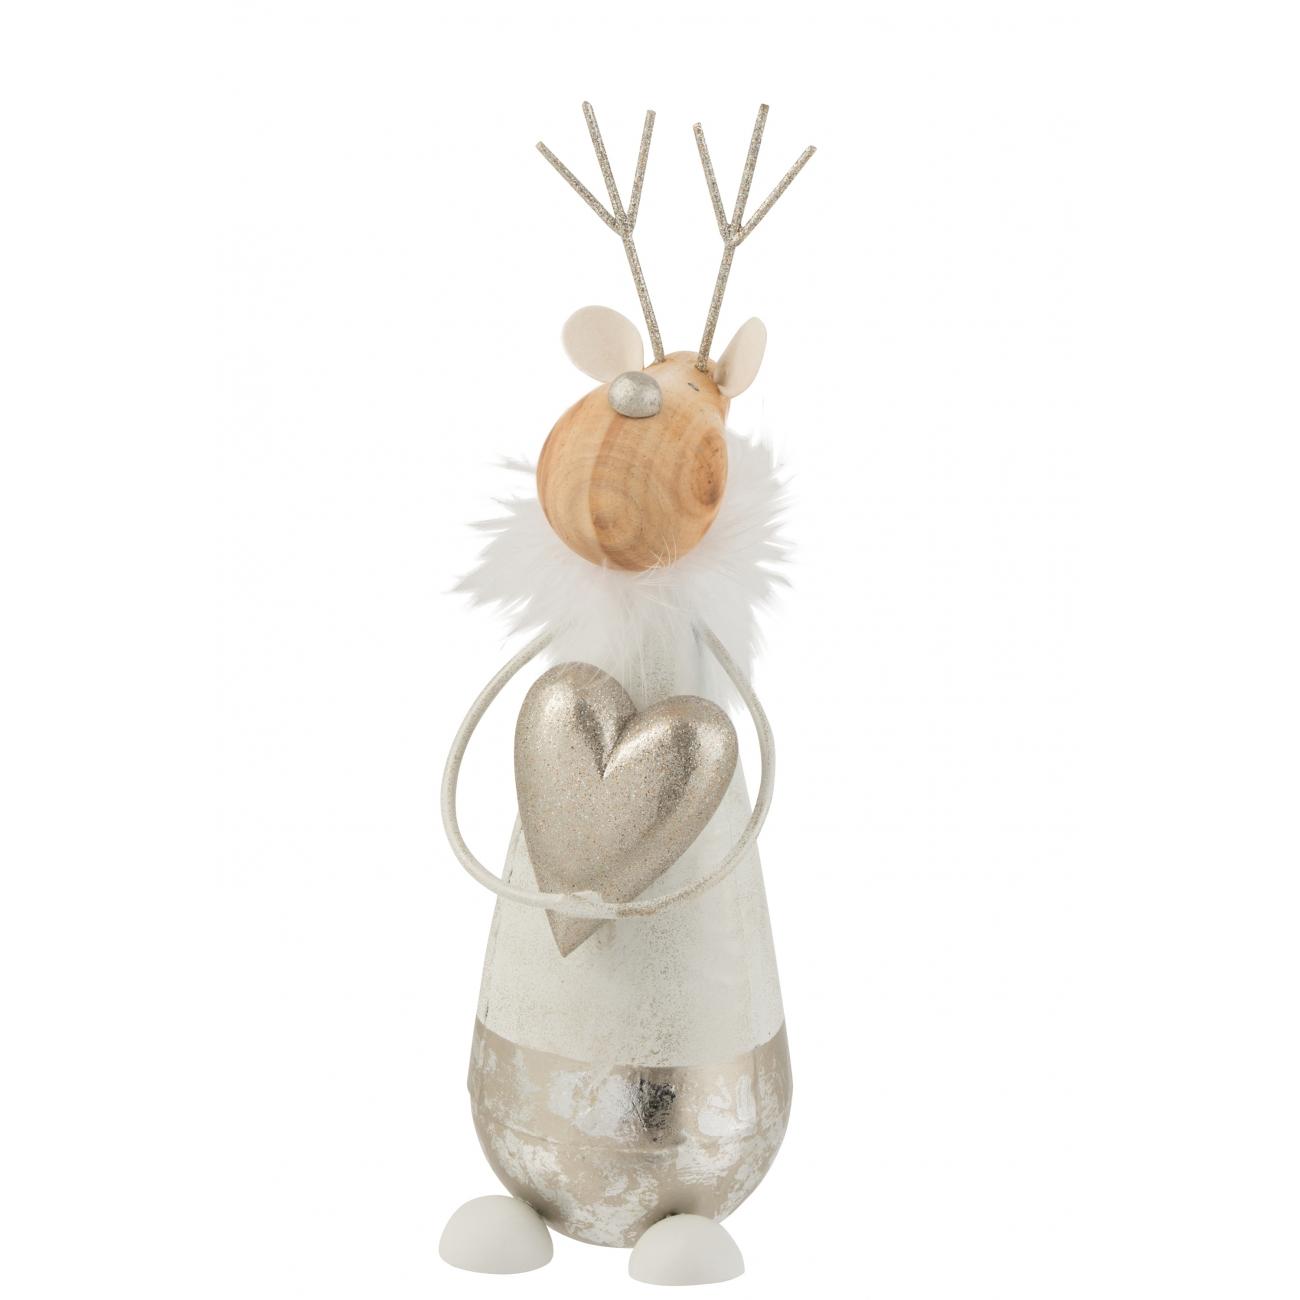 Статуэтка J-LINE олень новогодний с сердечком высота 30 см Бельгия